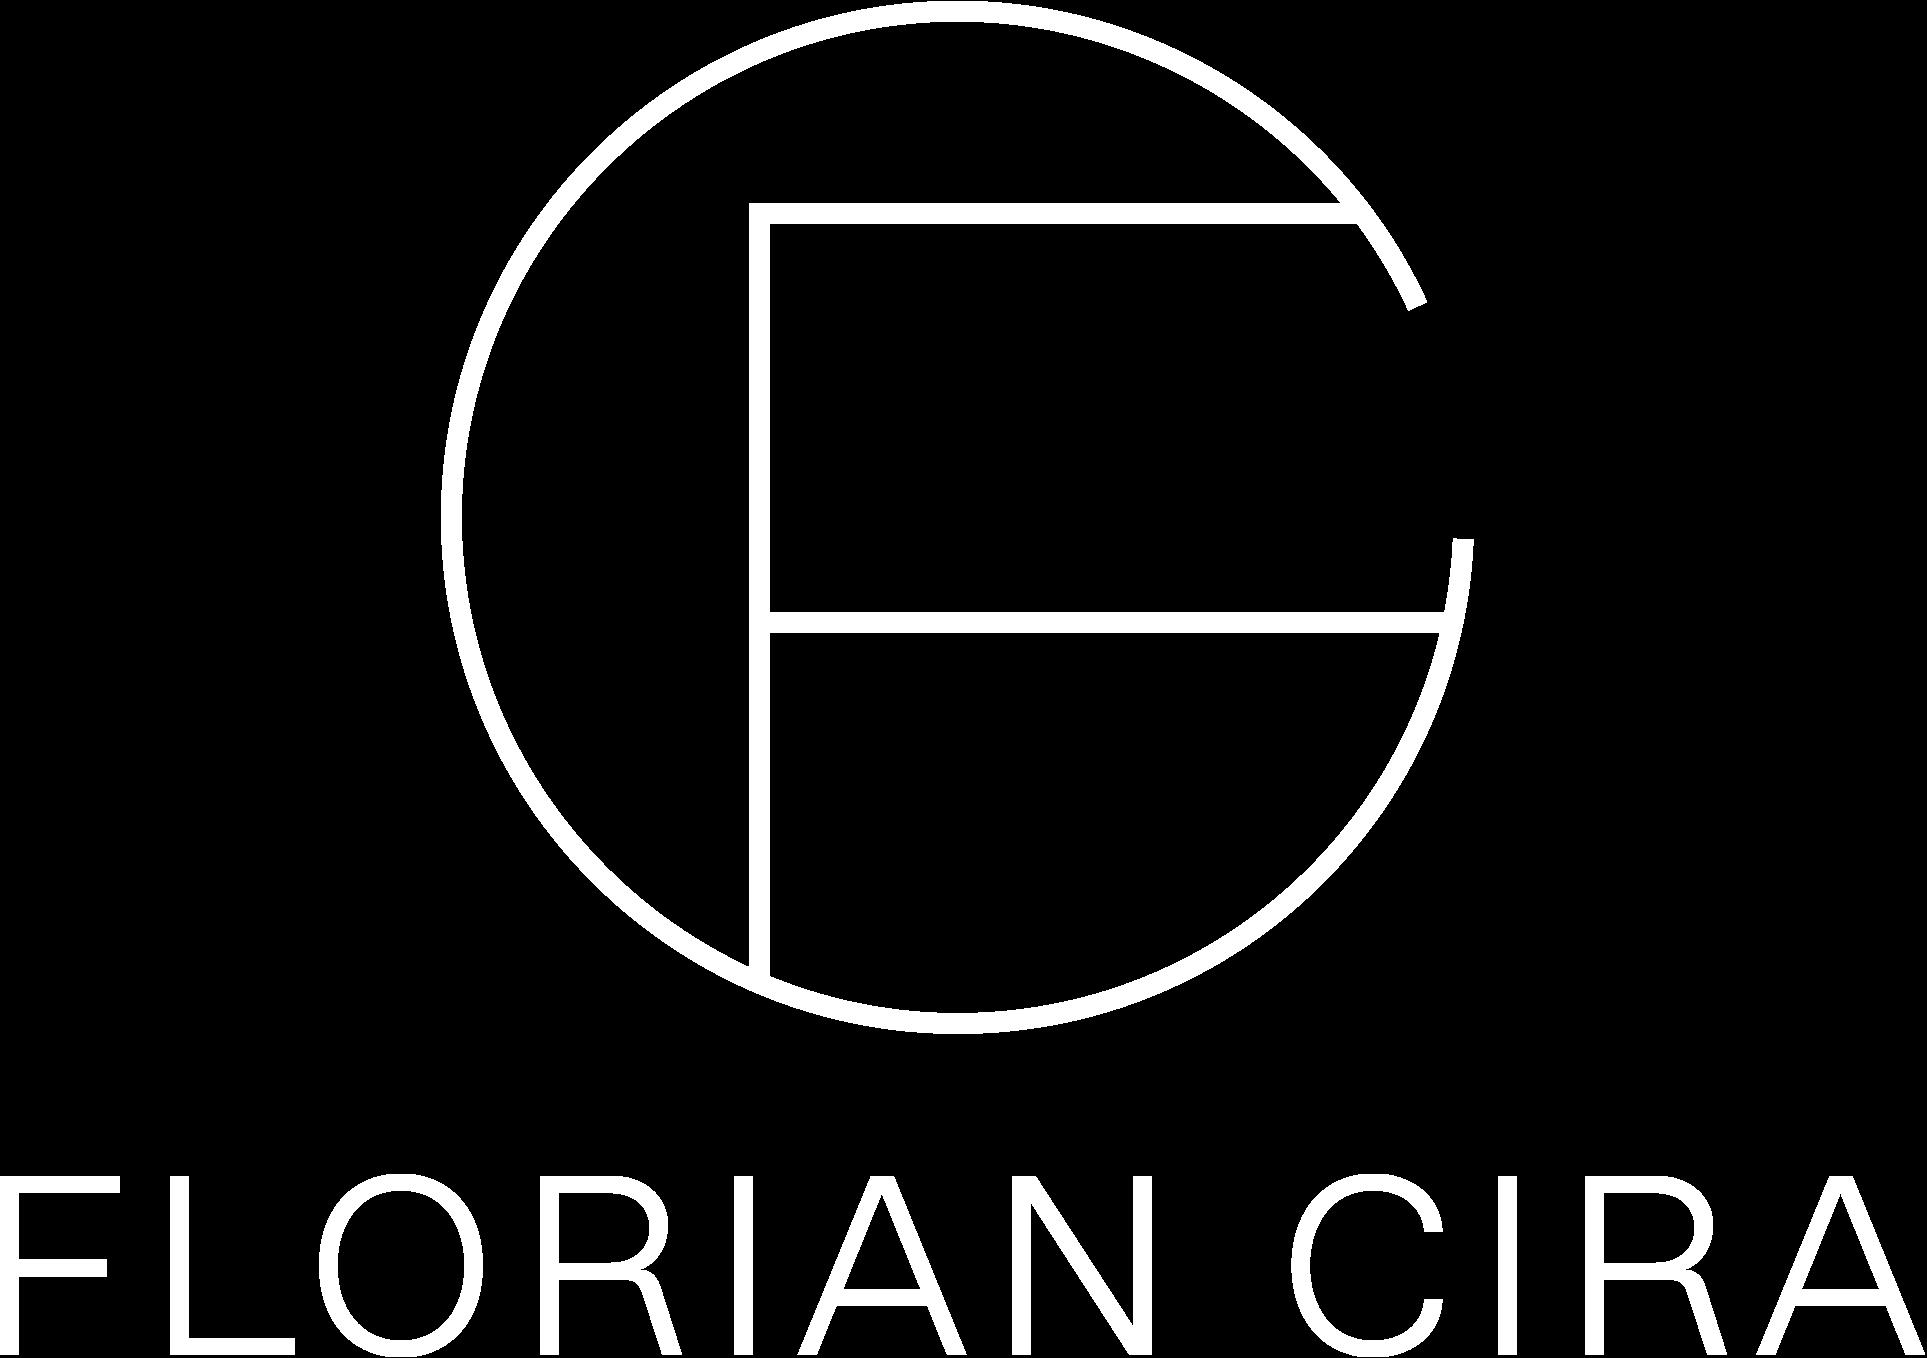 florian-cira-logo